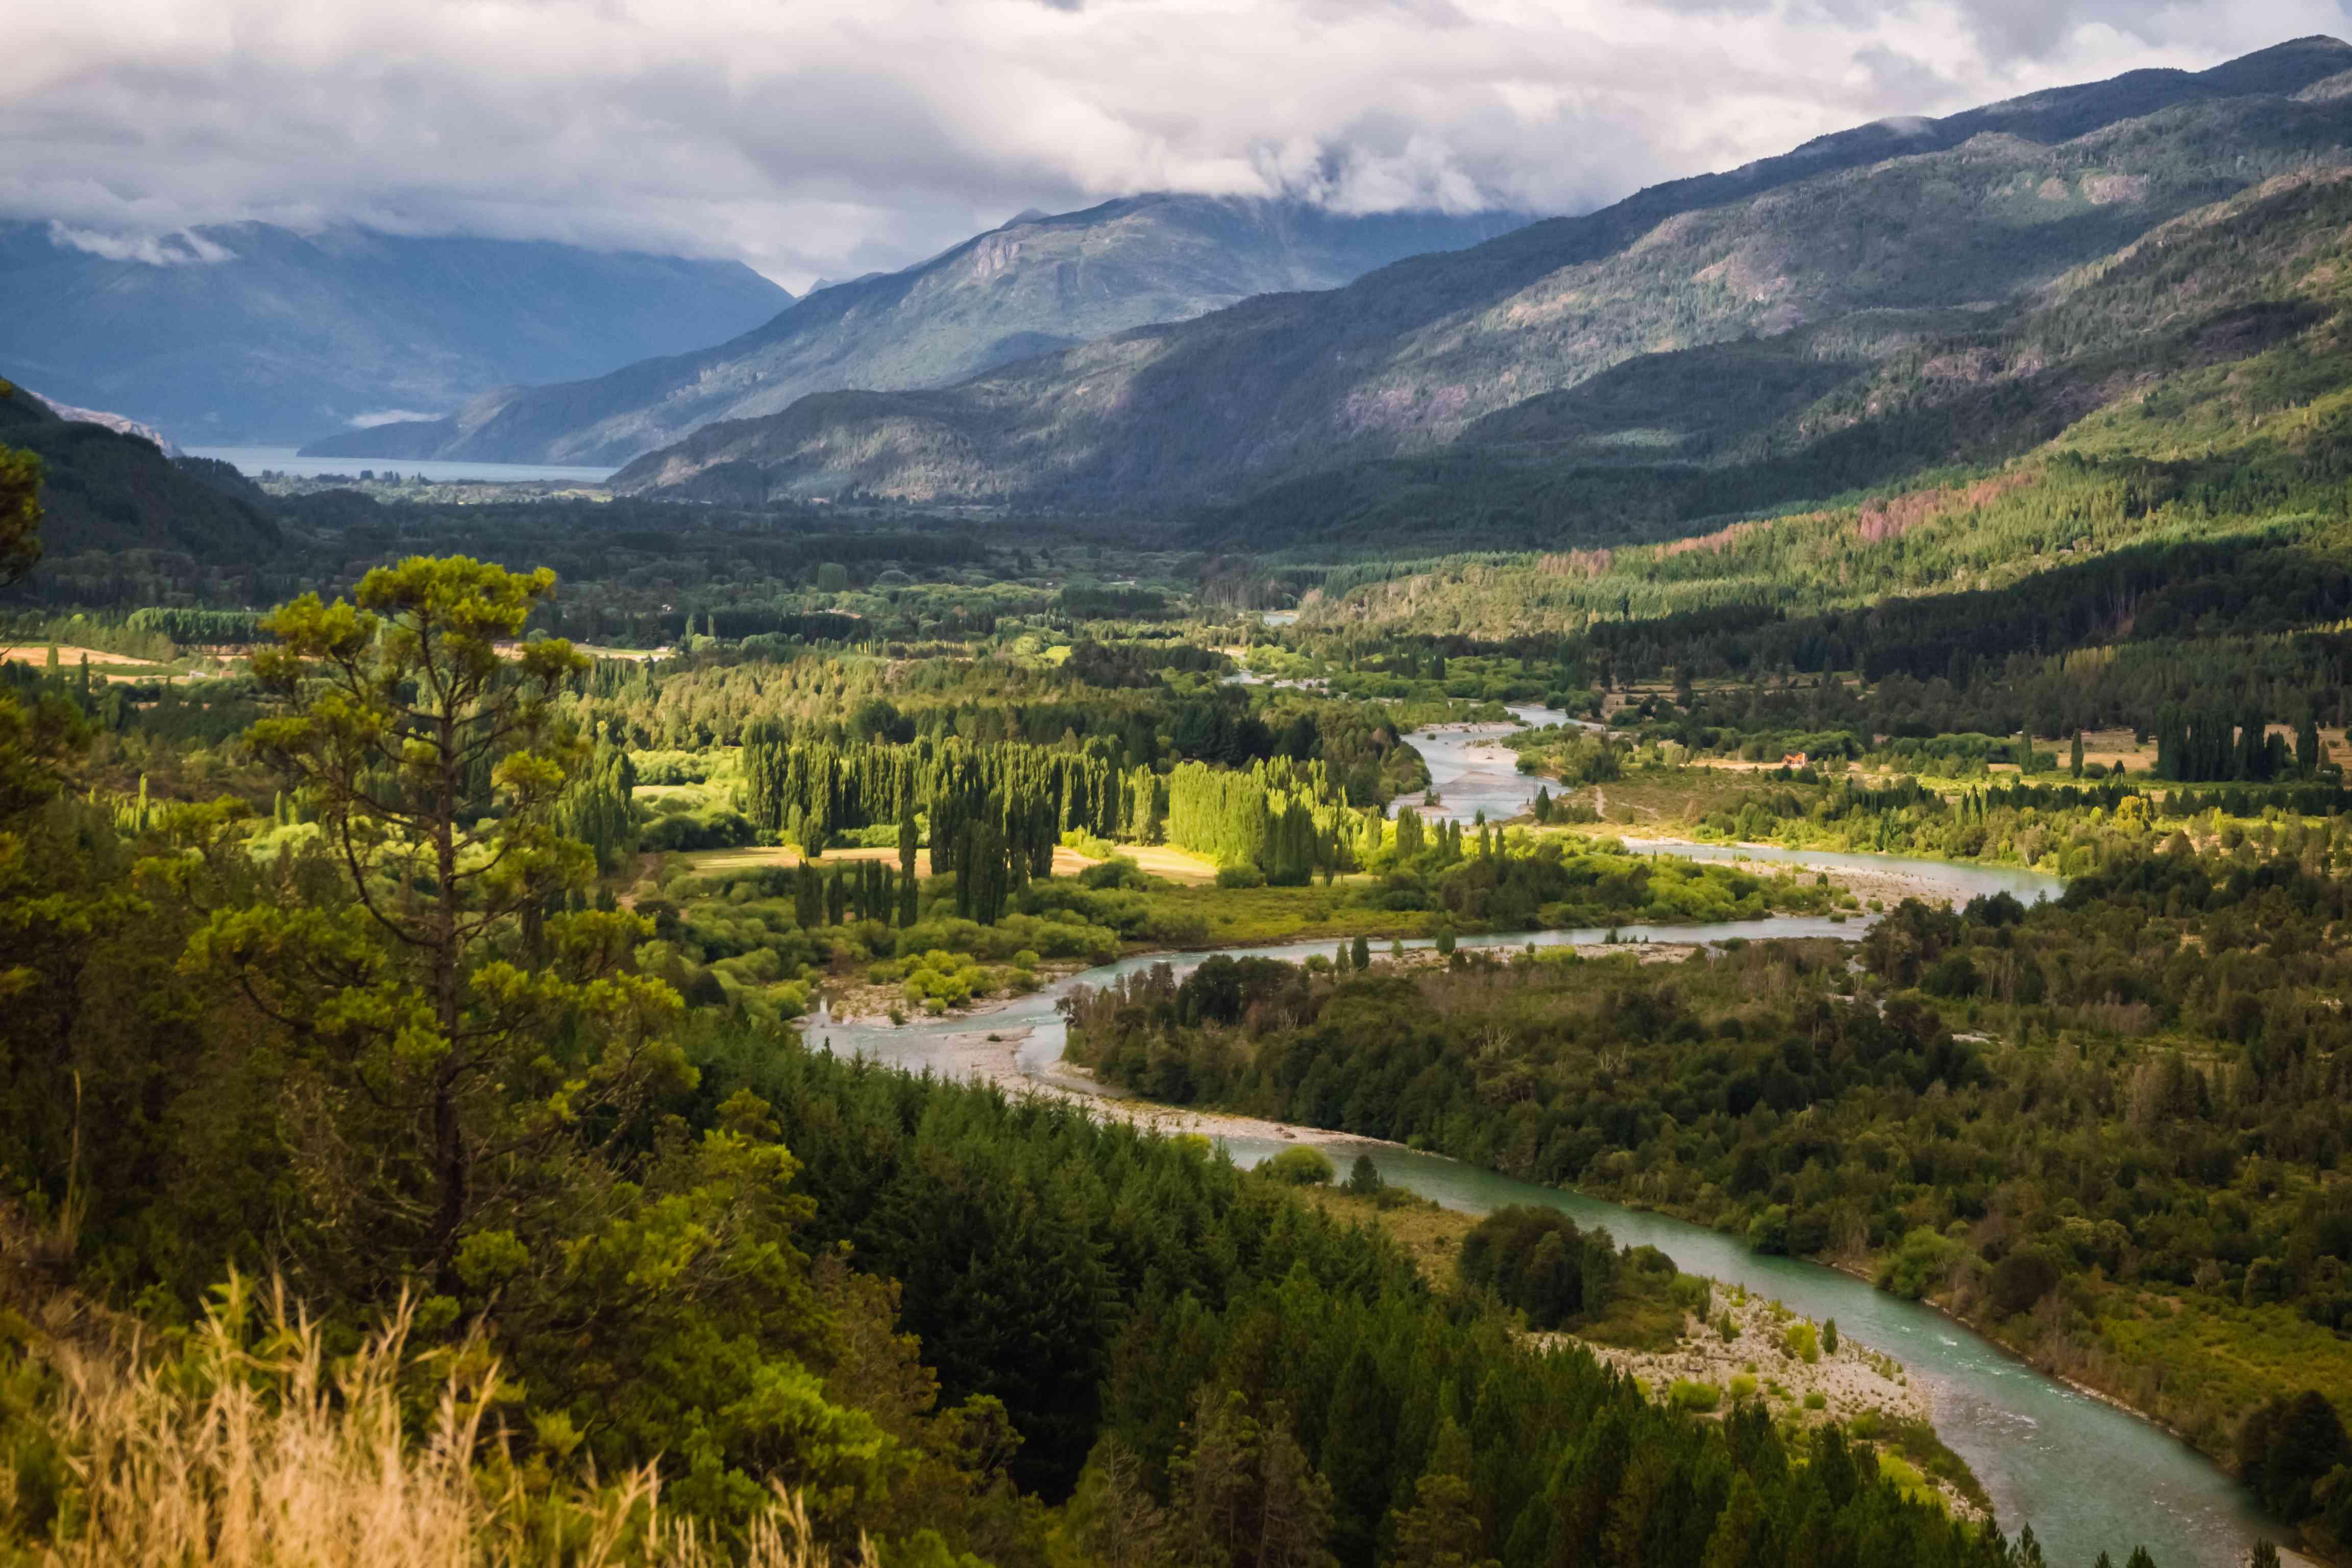 Paisaje del río Azul, valle y bosque en El Bolson, Patagonia argentina